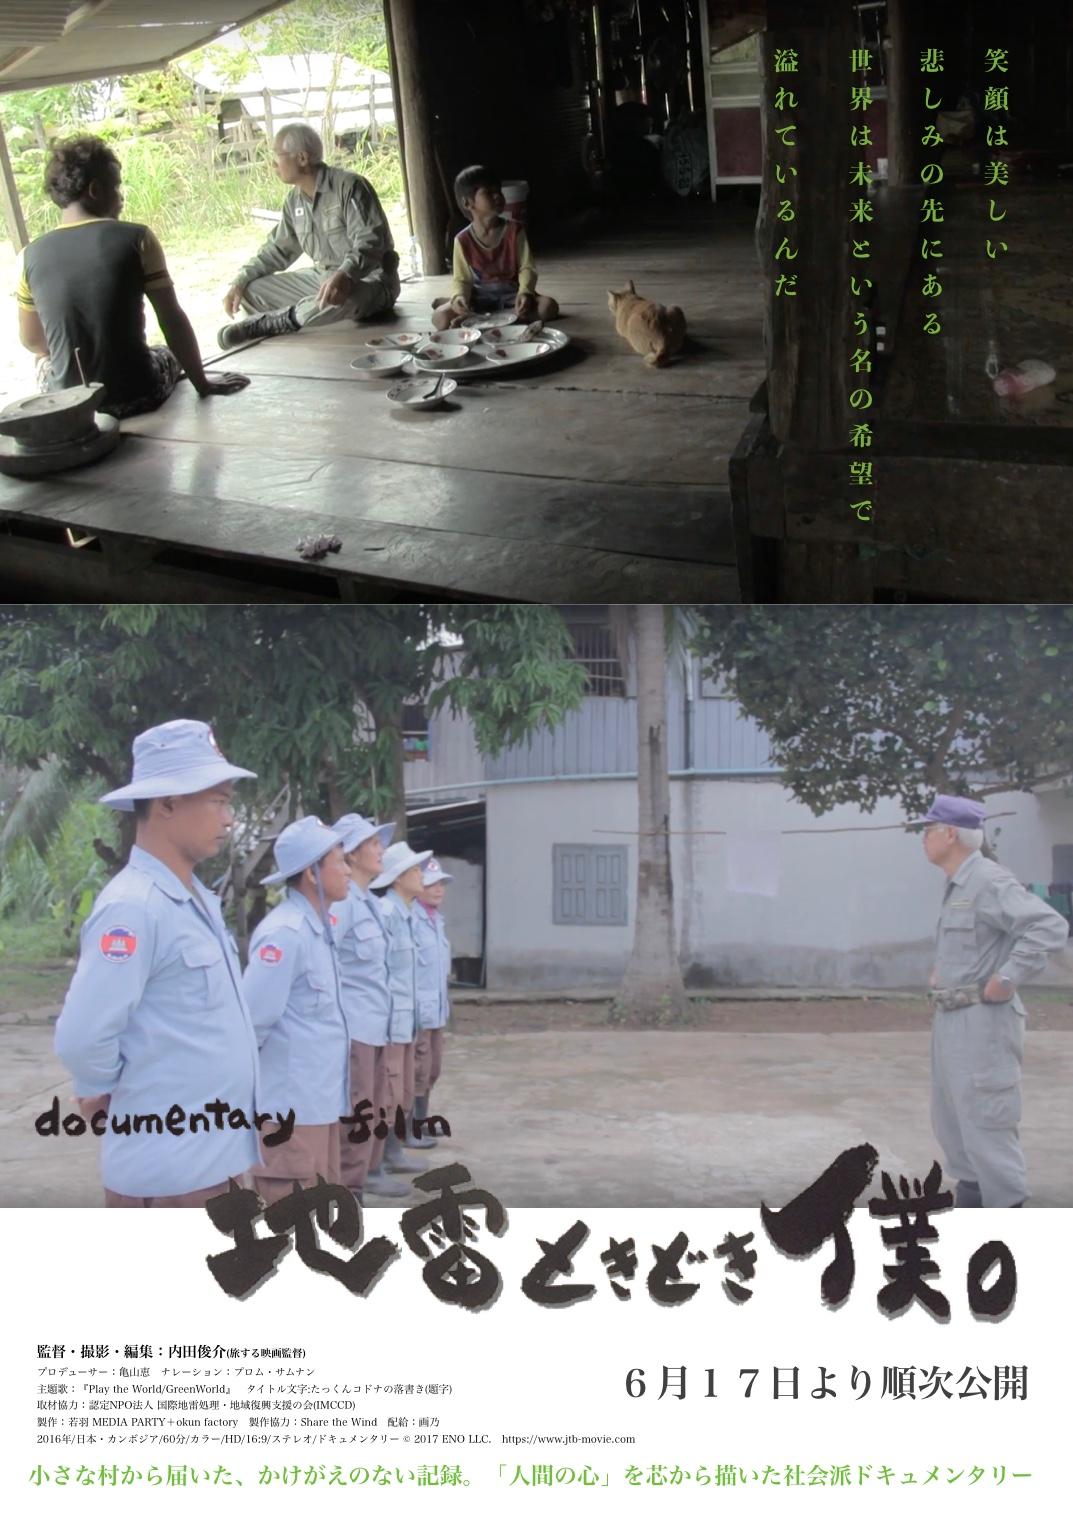 ドキュメンタリー映画『地雷ときどき僕。』一般・関係者 劇場版 特別完成披露試写会